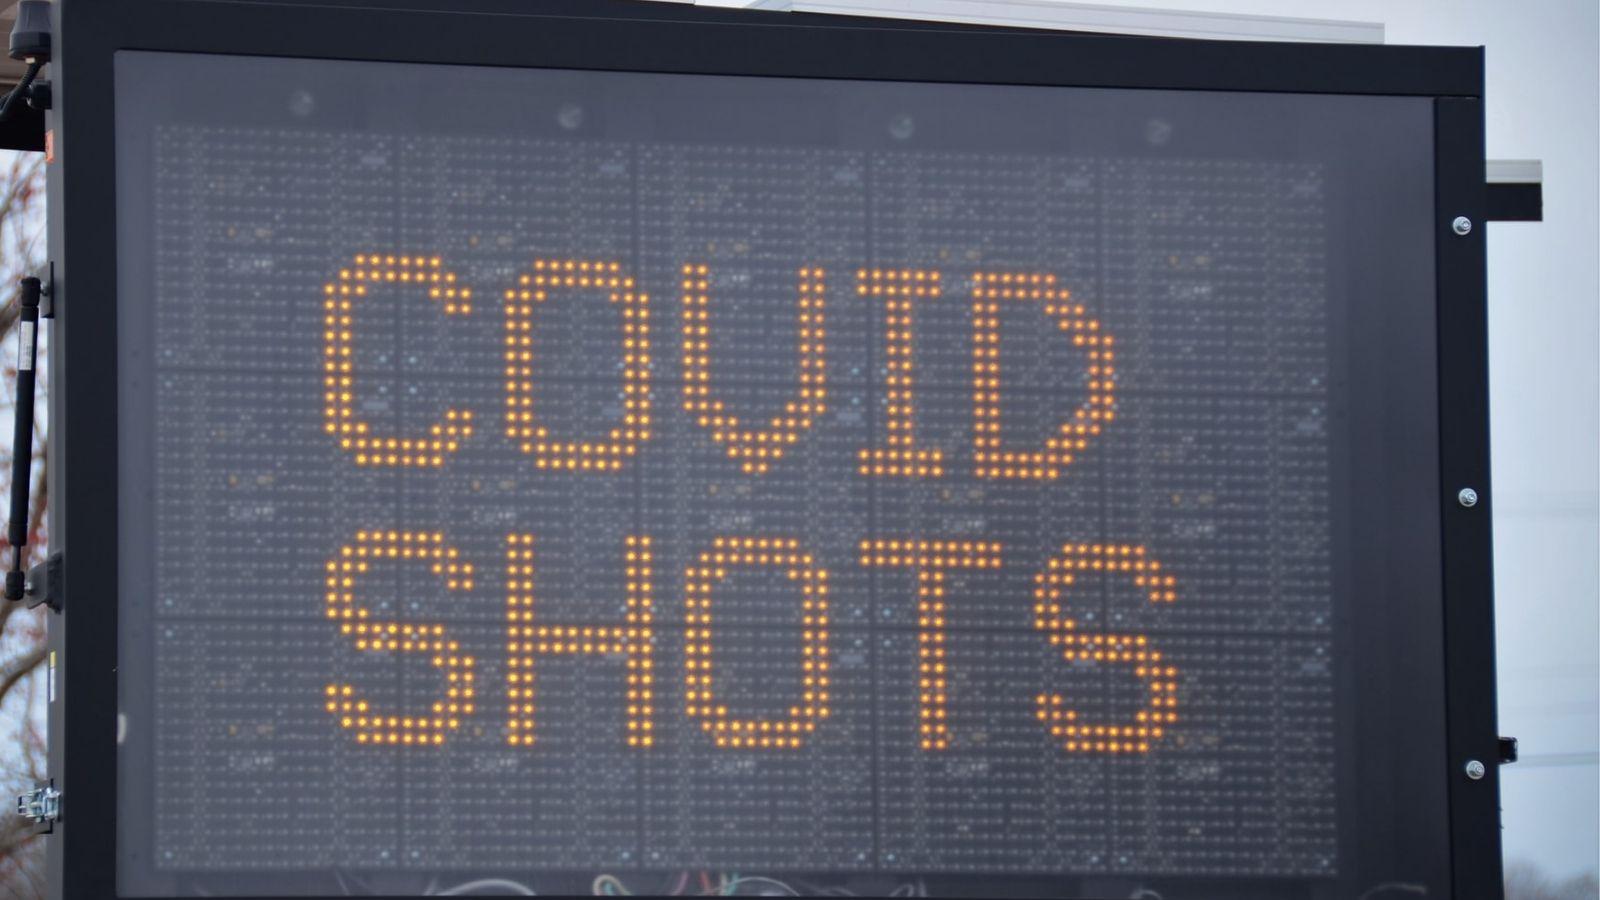 COVID ShotsCOVID Shots